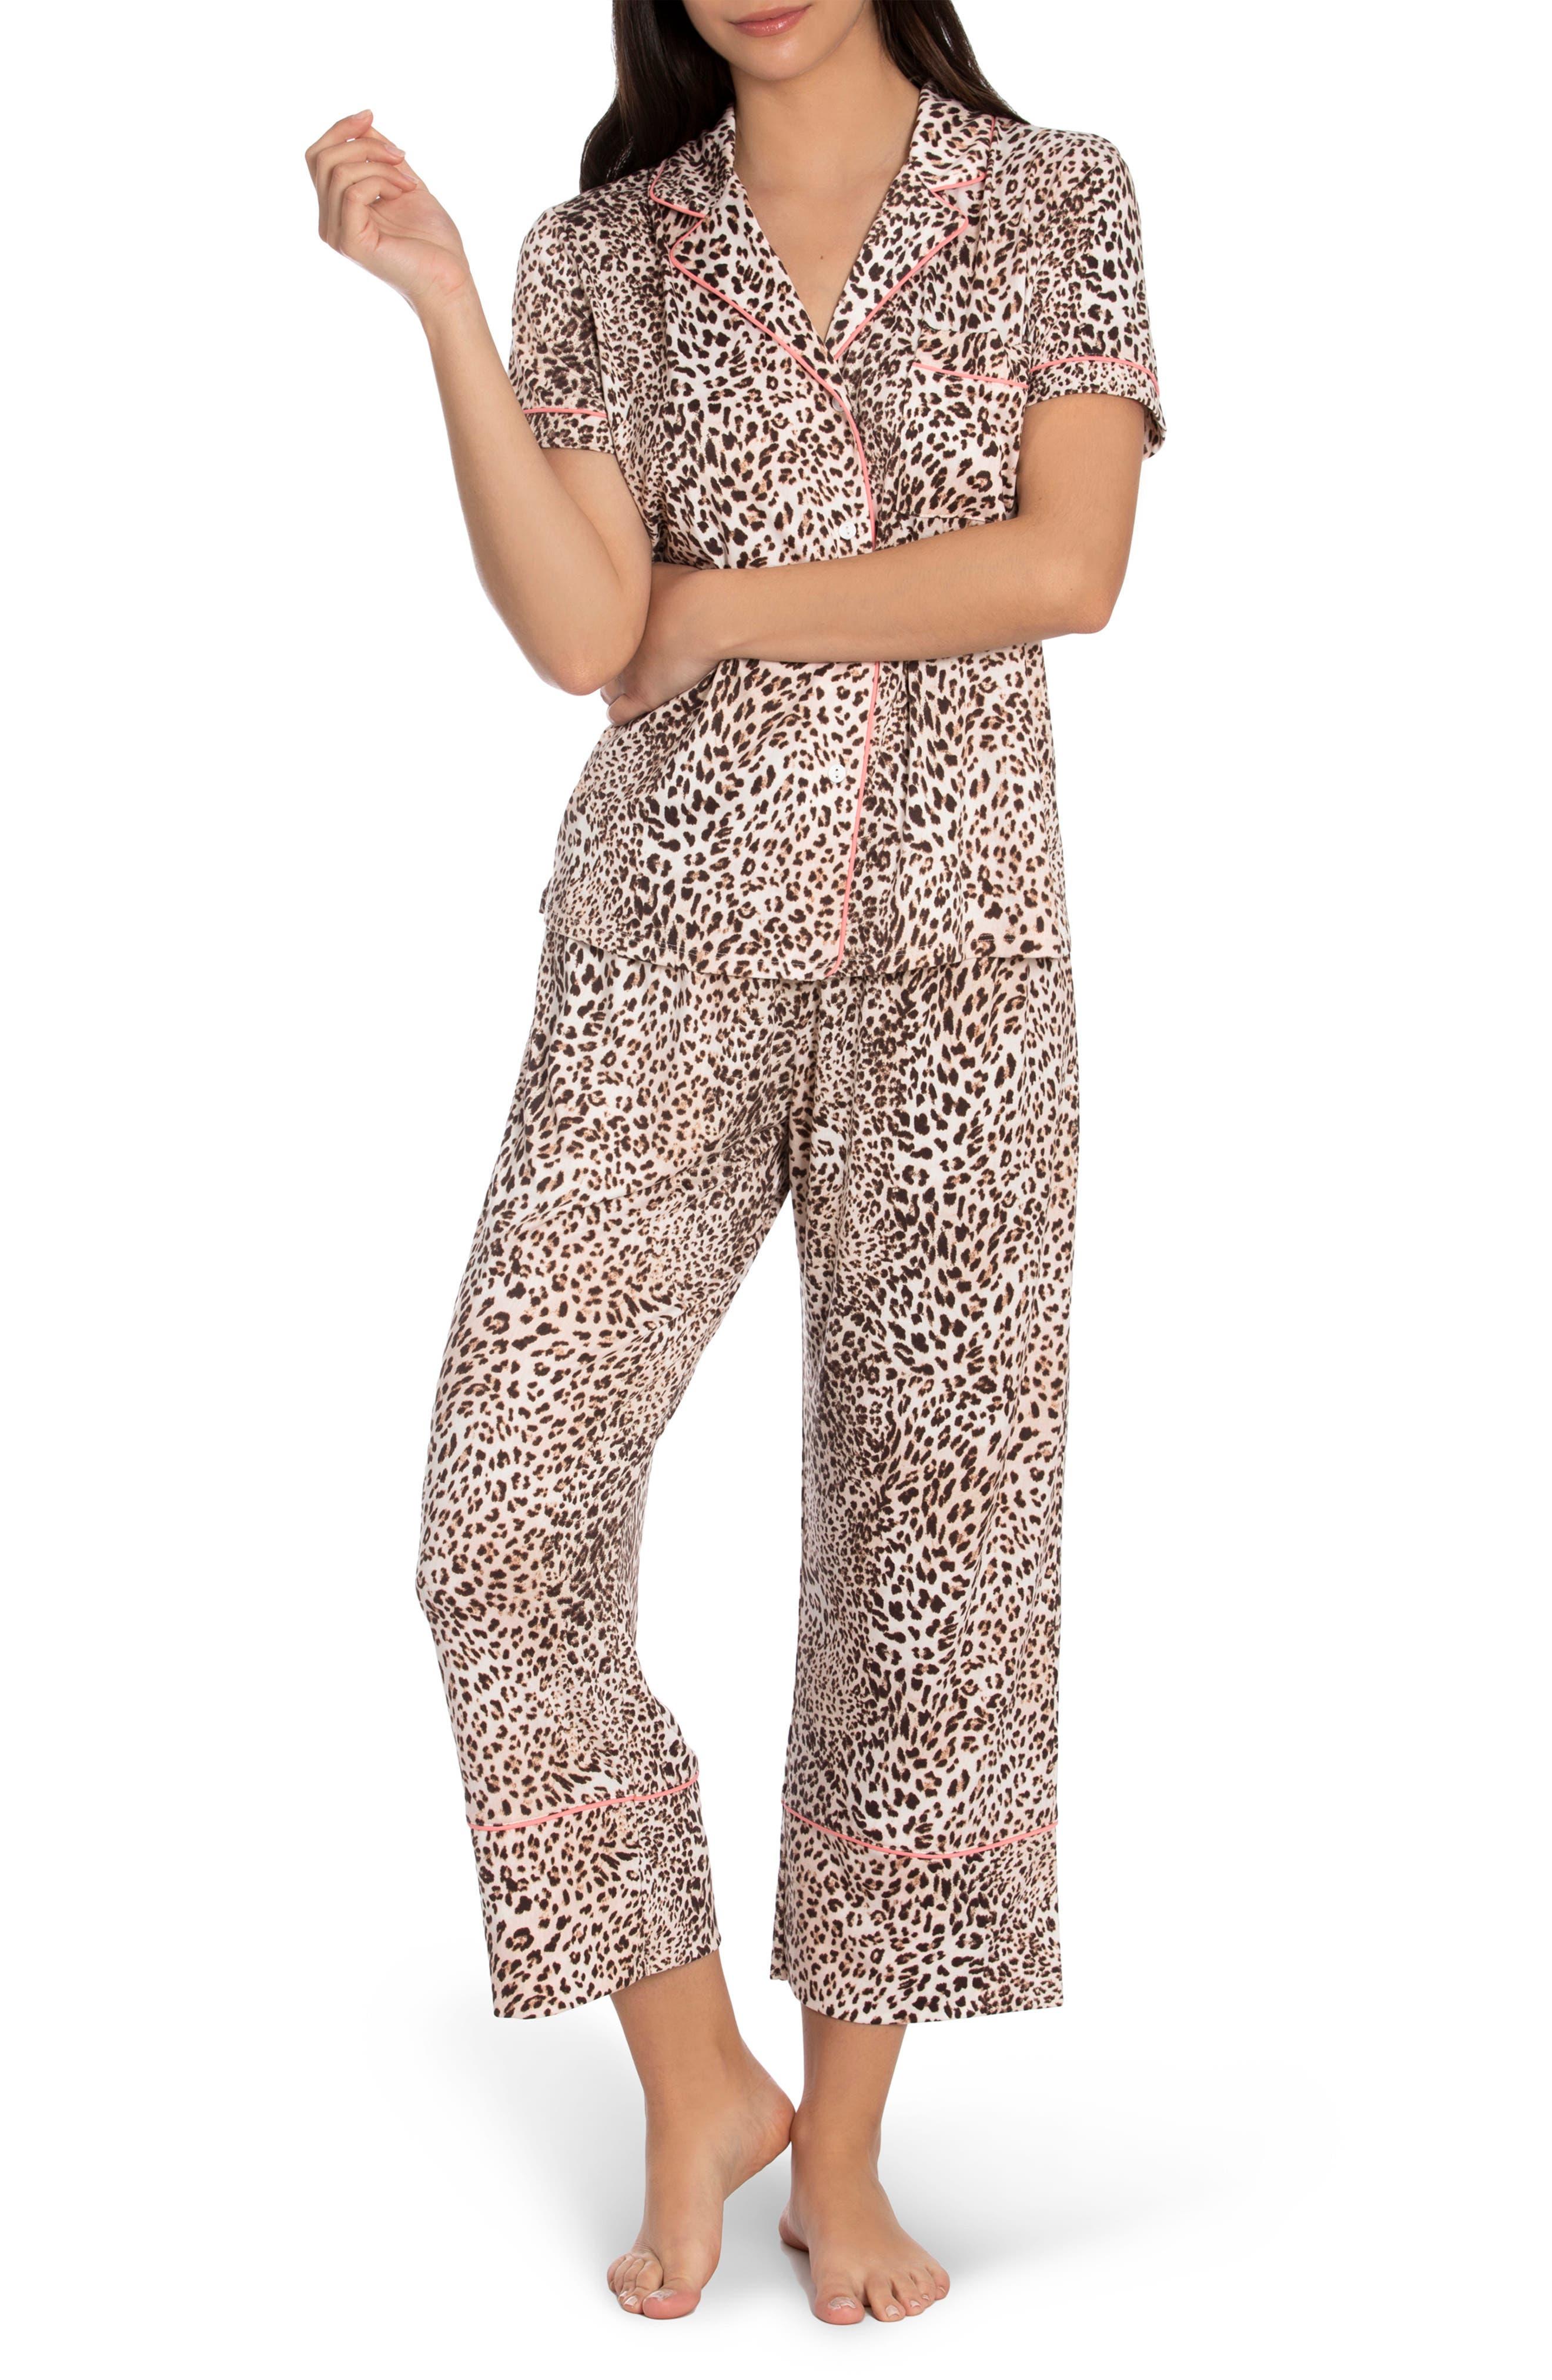 Tangalle Animal Print Pajamas